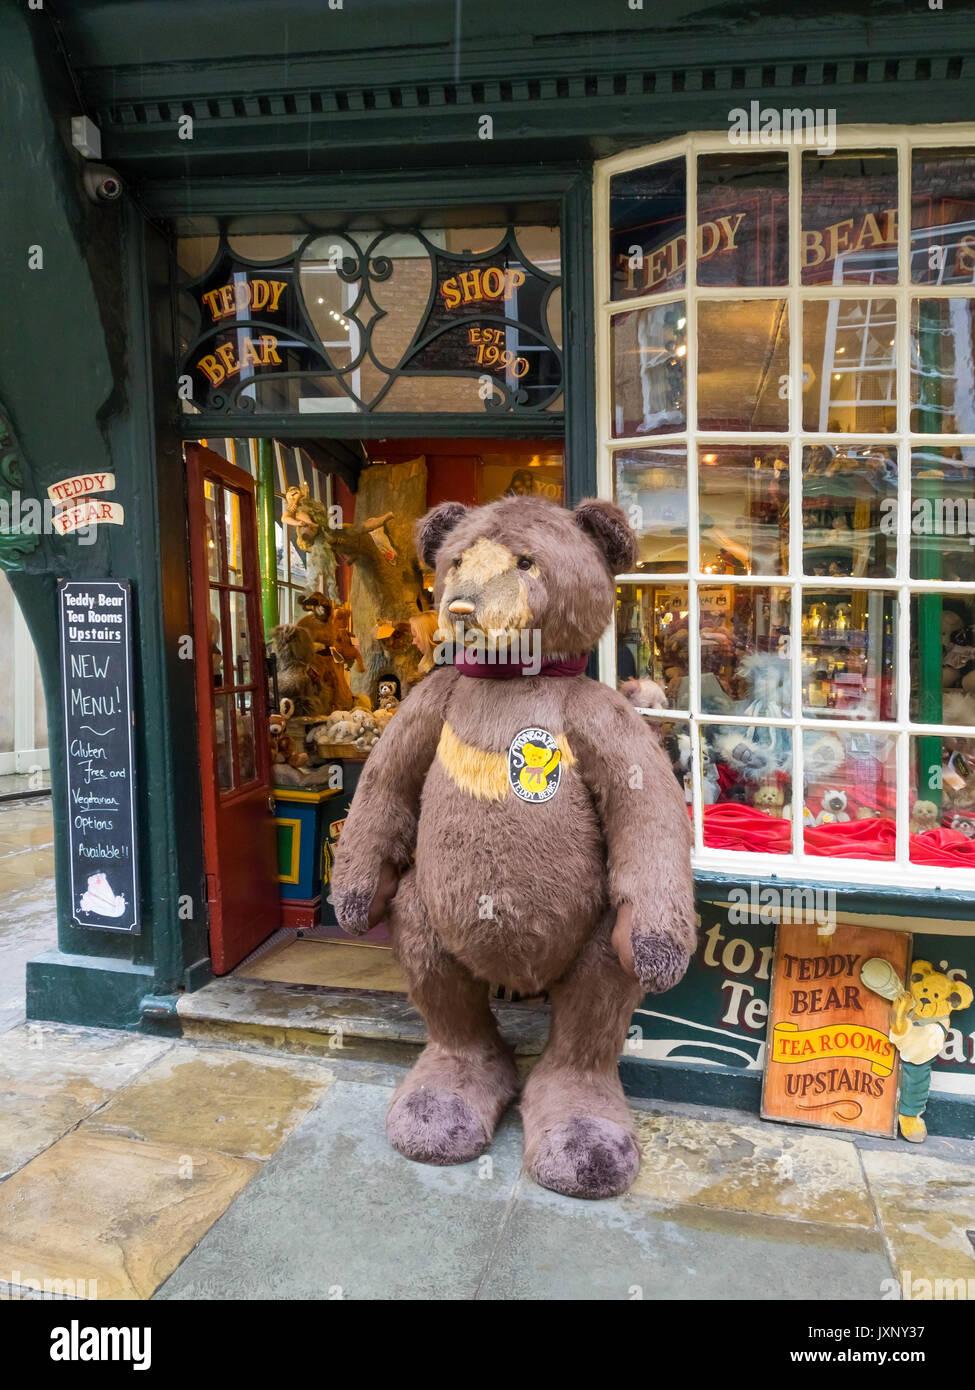 Tea Room Bears